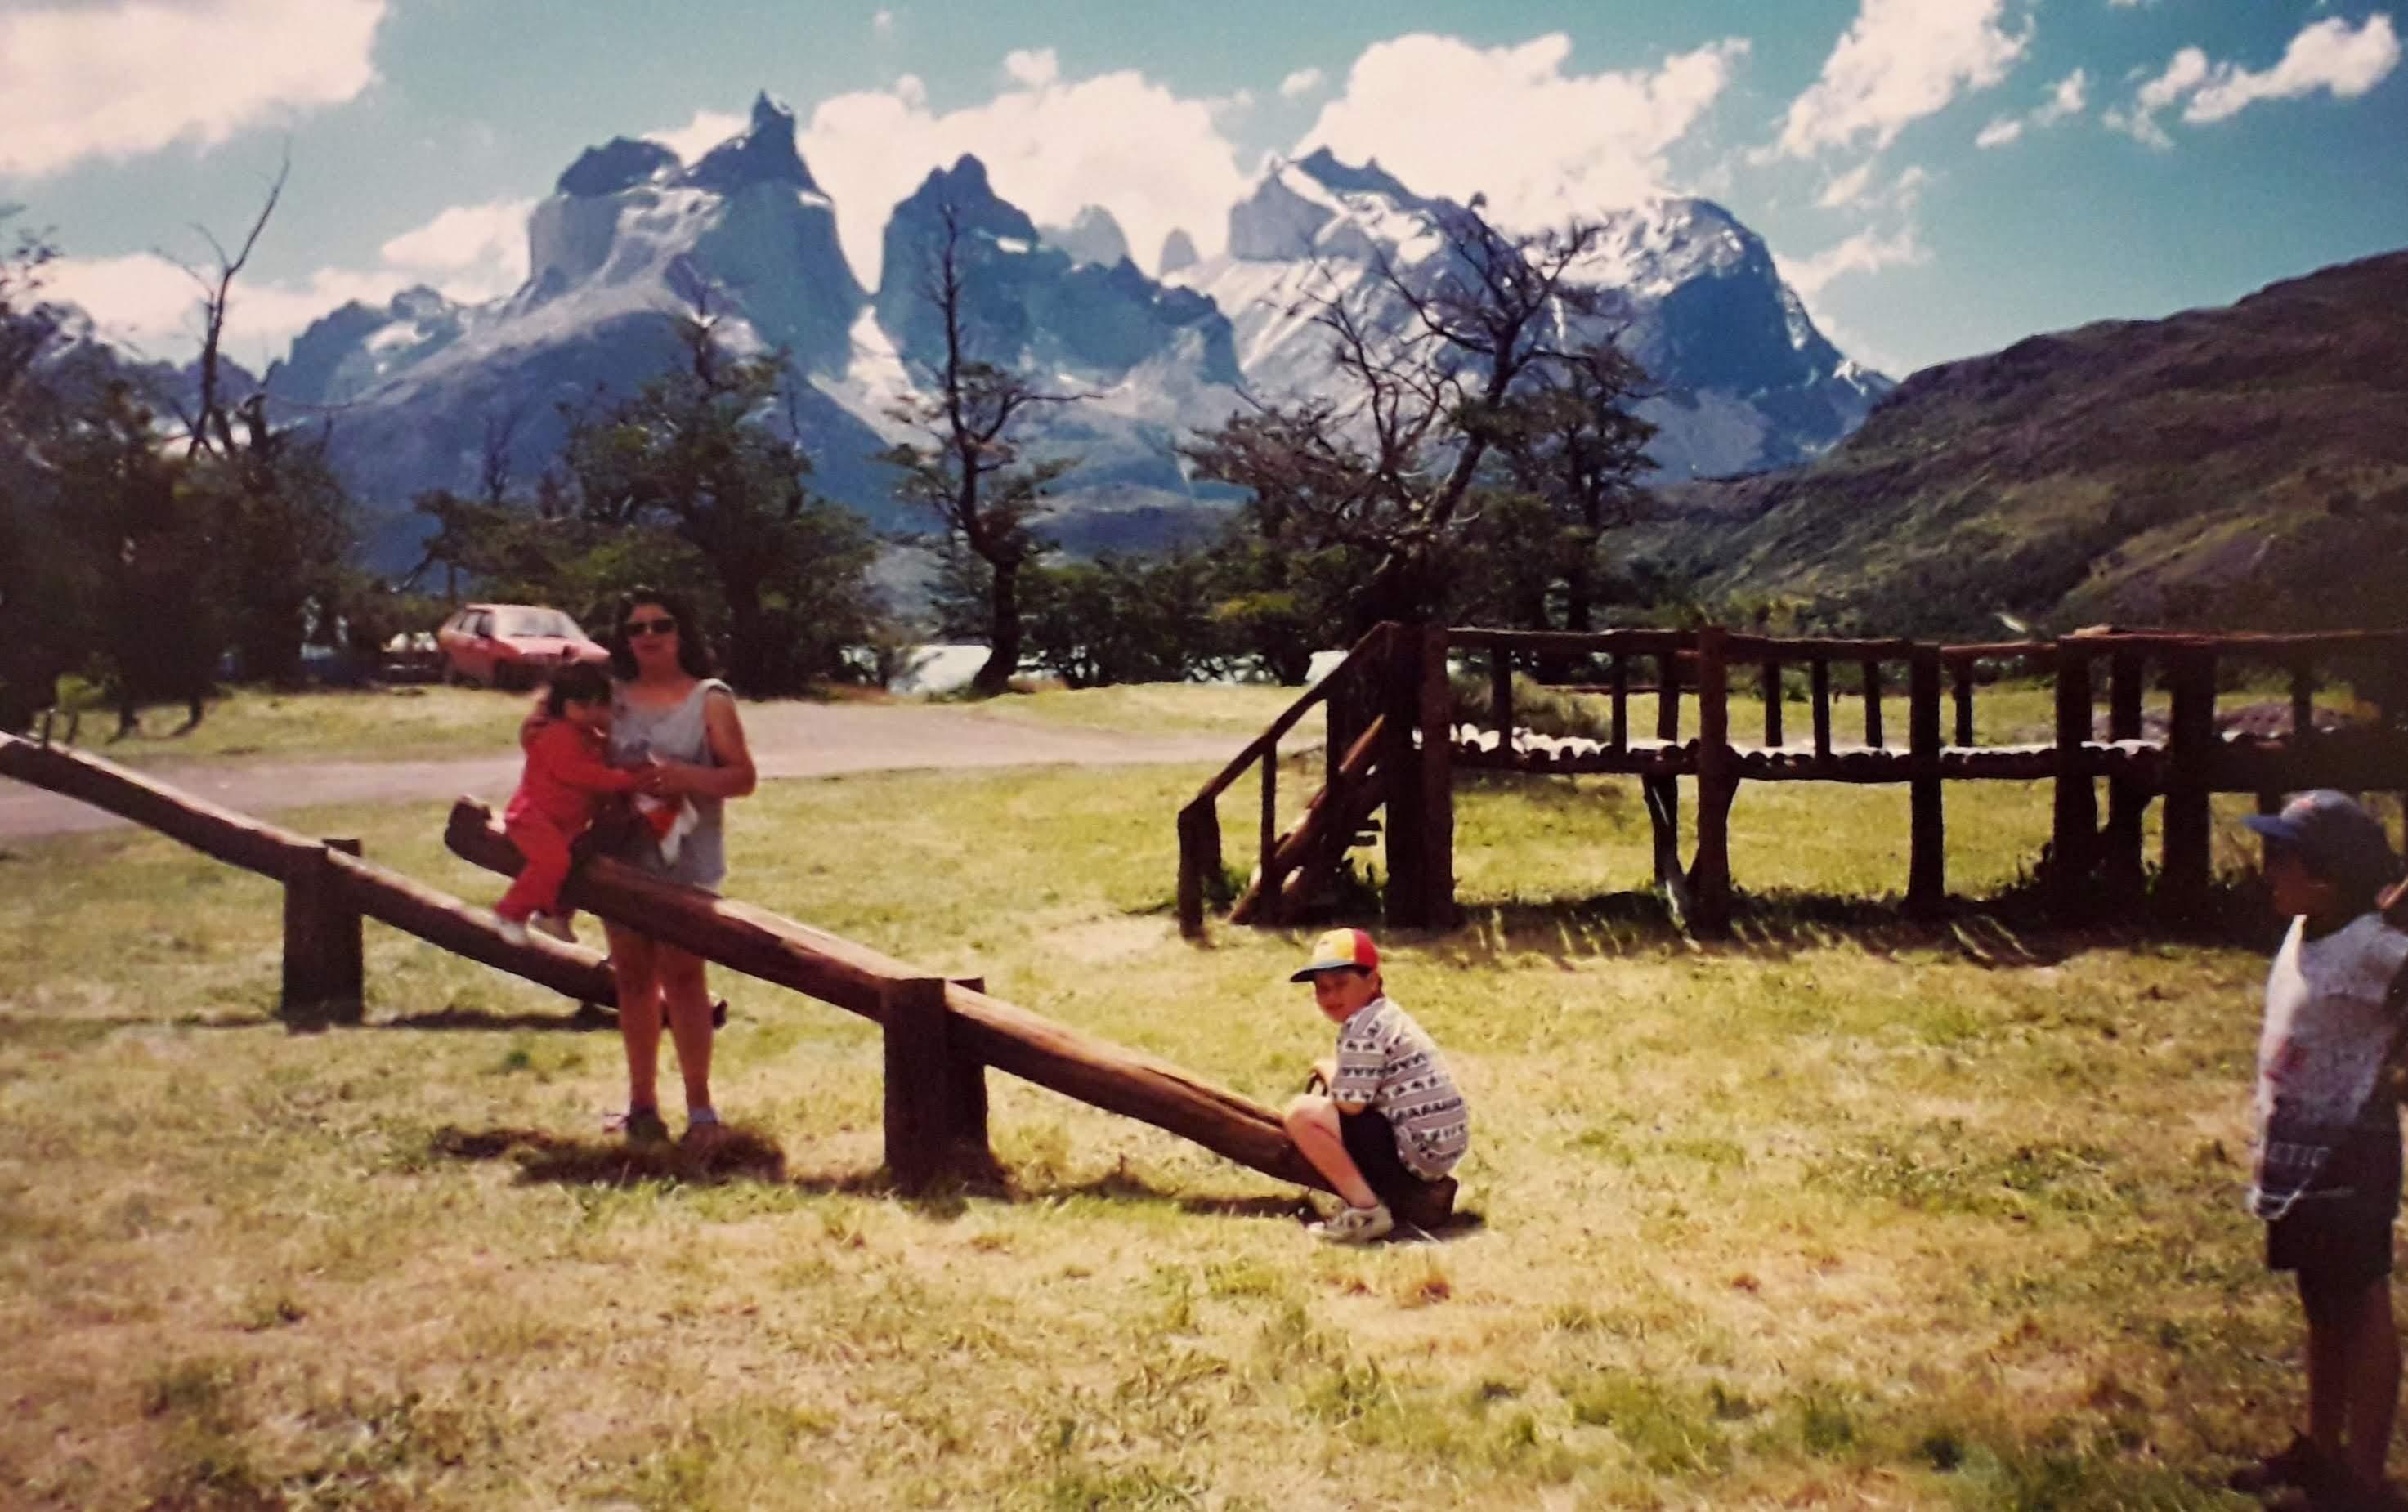 Enterreno - Fotos históricas de chile - fotos antiguas de Chile - Camping en Torres del Paine en 1999